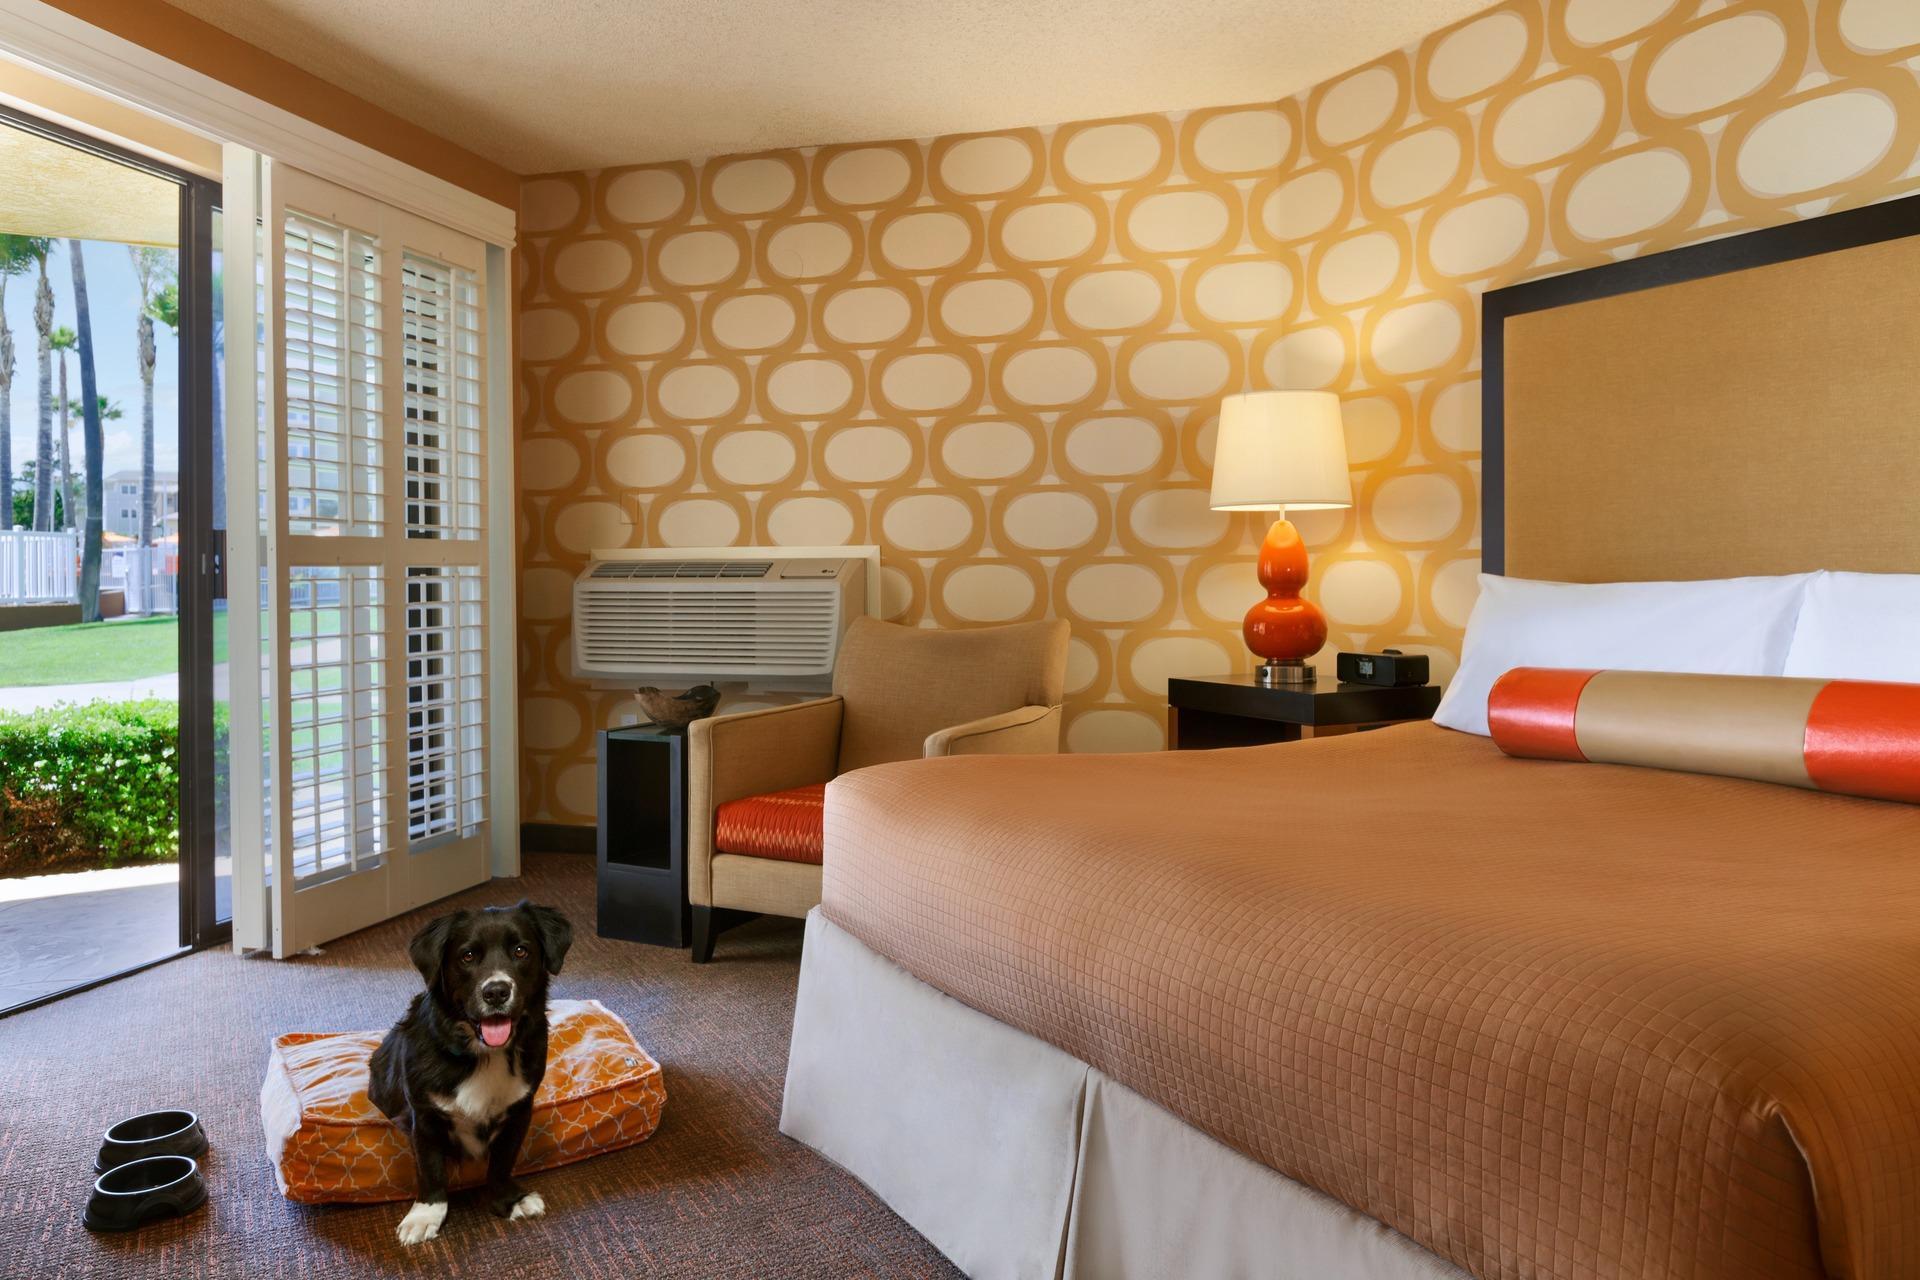 SeaCrest OceanFront Hotel image 3